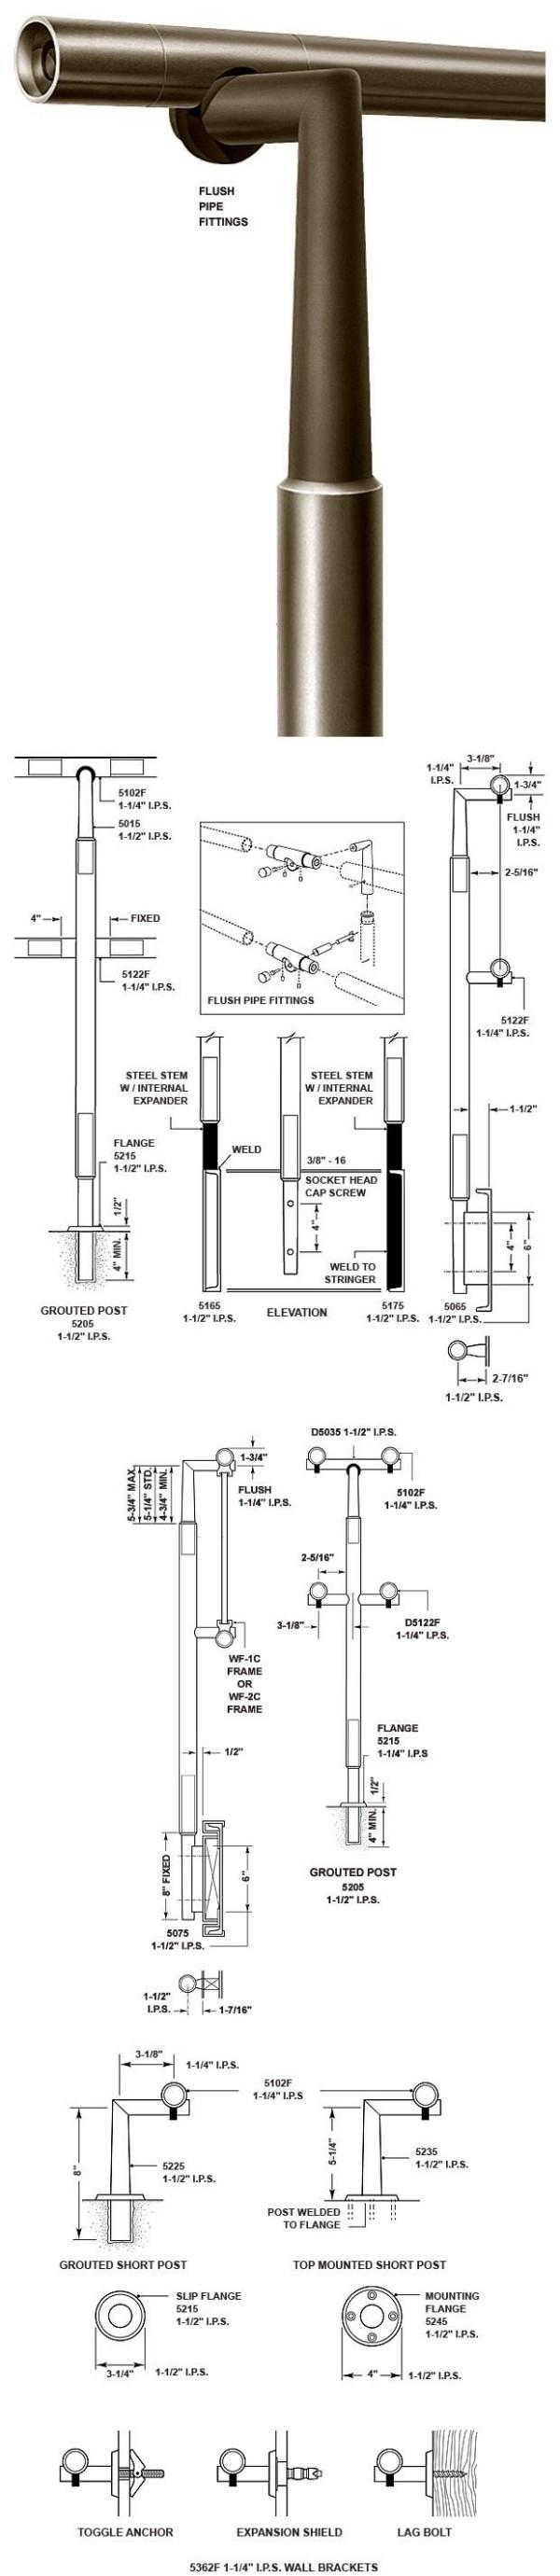 Aluminum Pipe Rail Series 5000